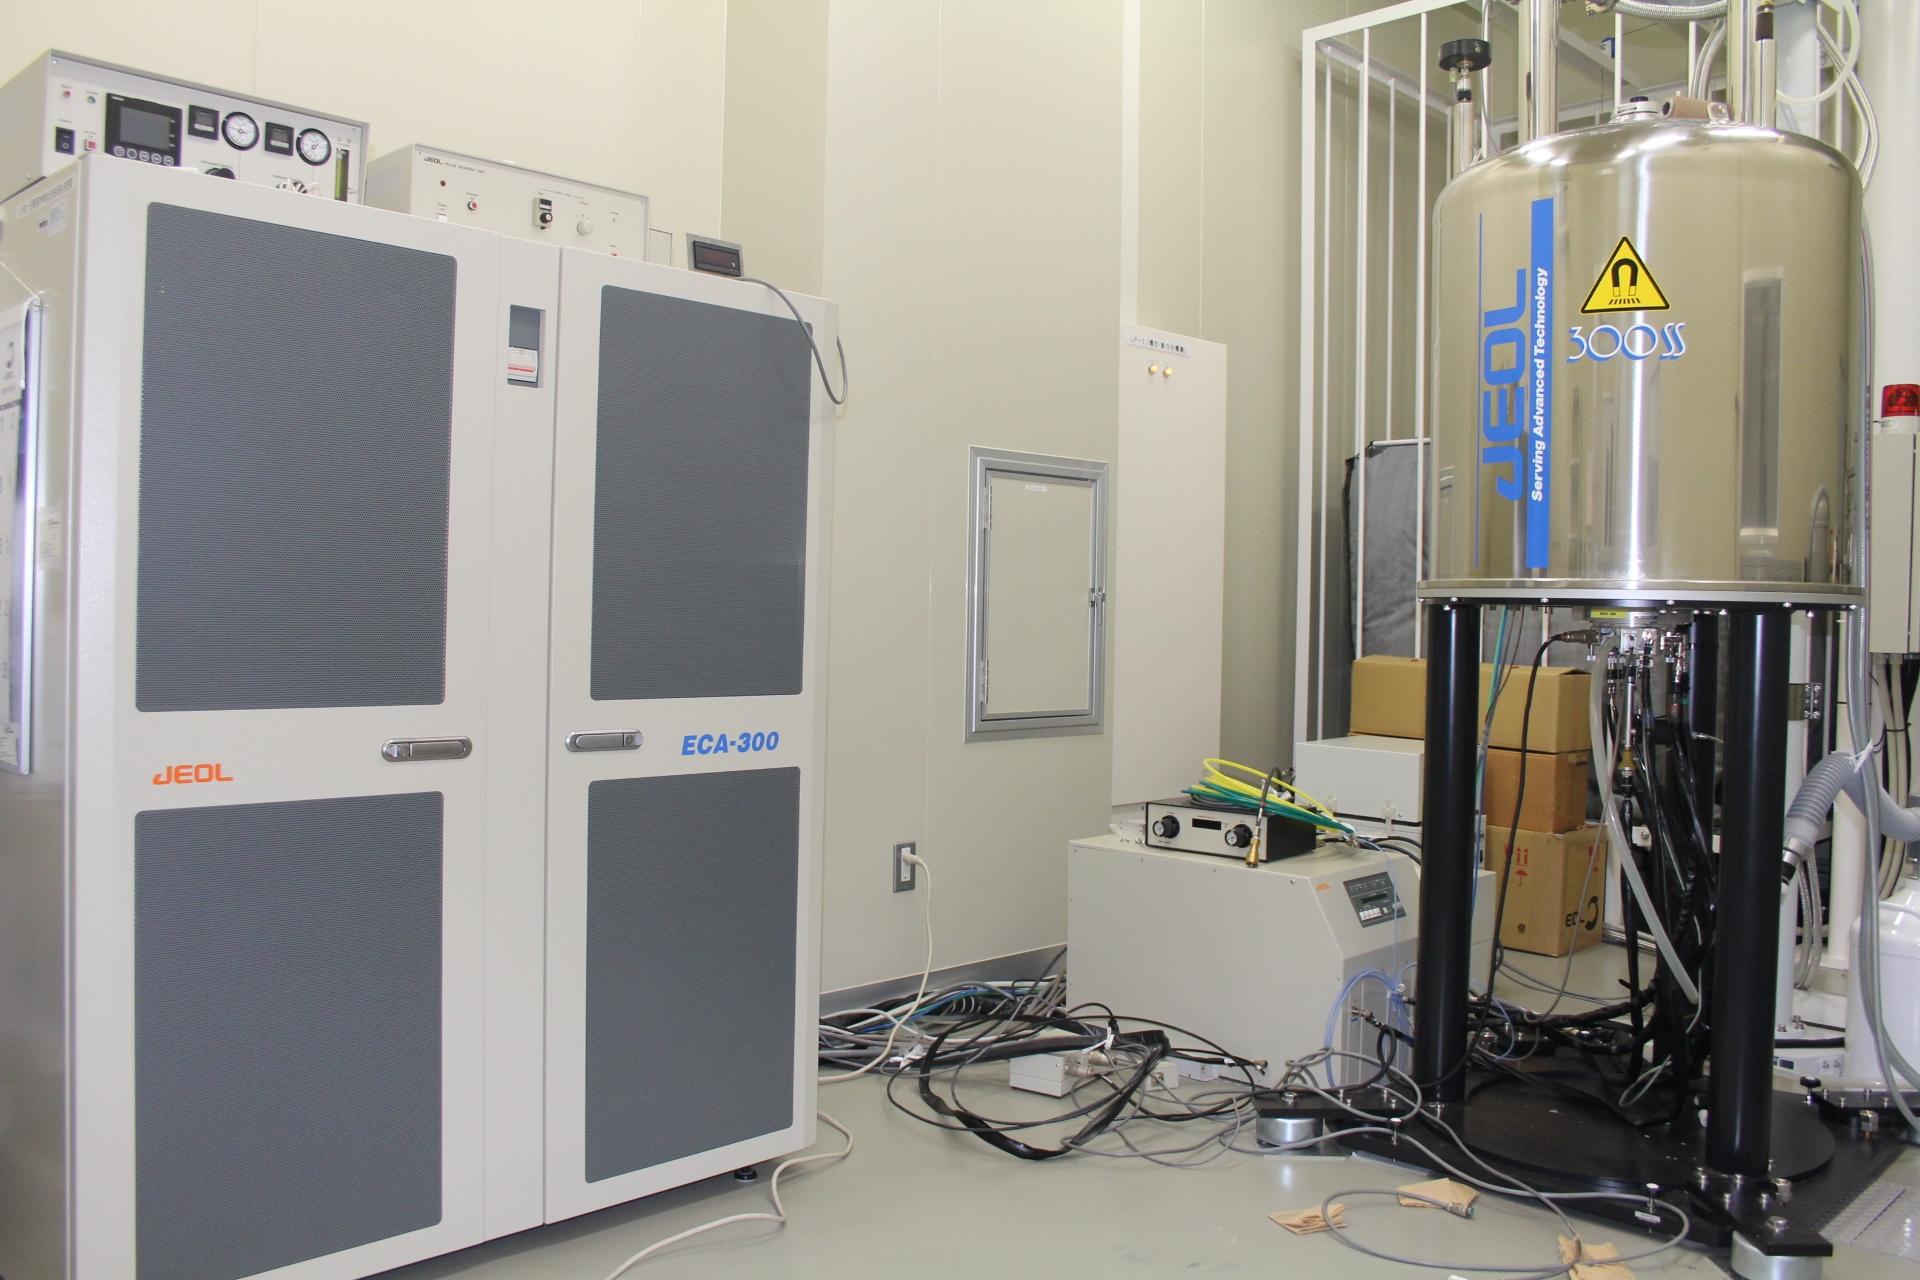 [393] 高温NMR解析システム  〔リンク〕 画像